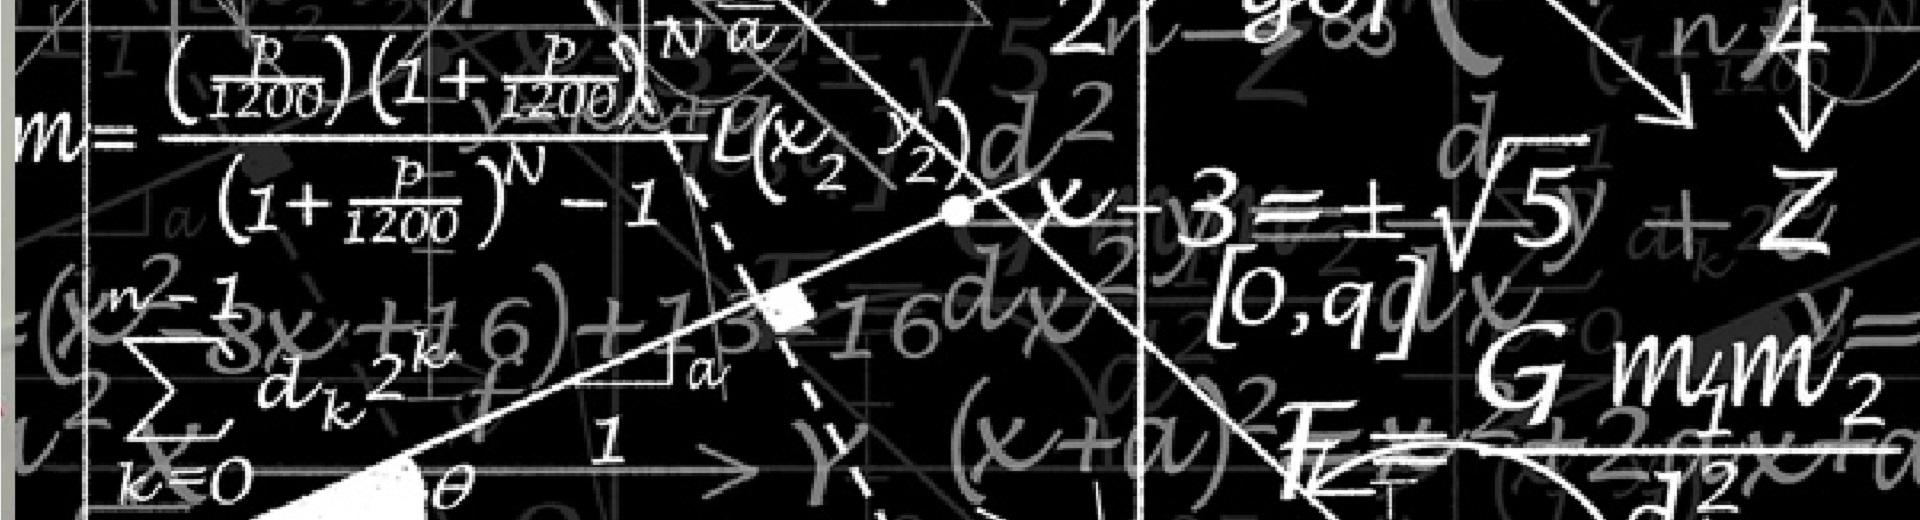 Портал КФУ \ Образование \ Институт физики \ Структура \ Кафедры \ Кафедра теоретической физики \ Документы